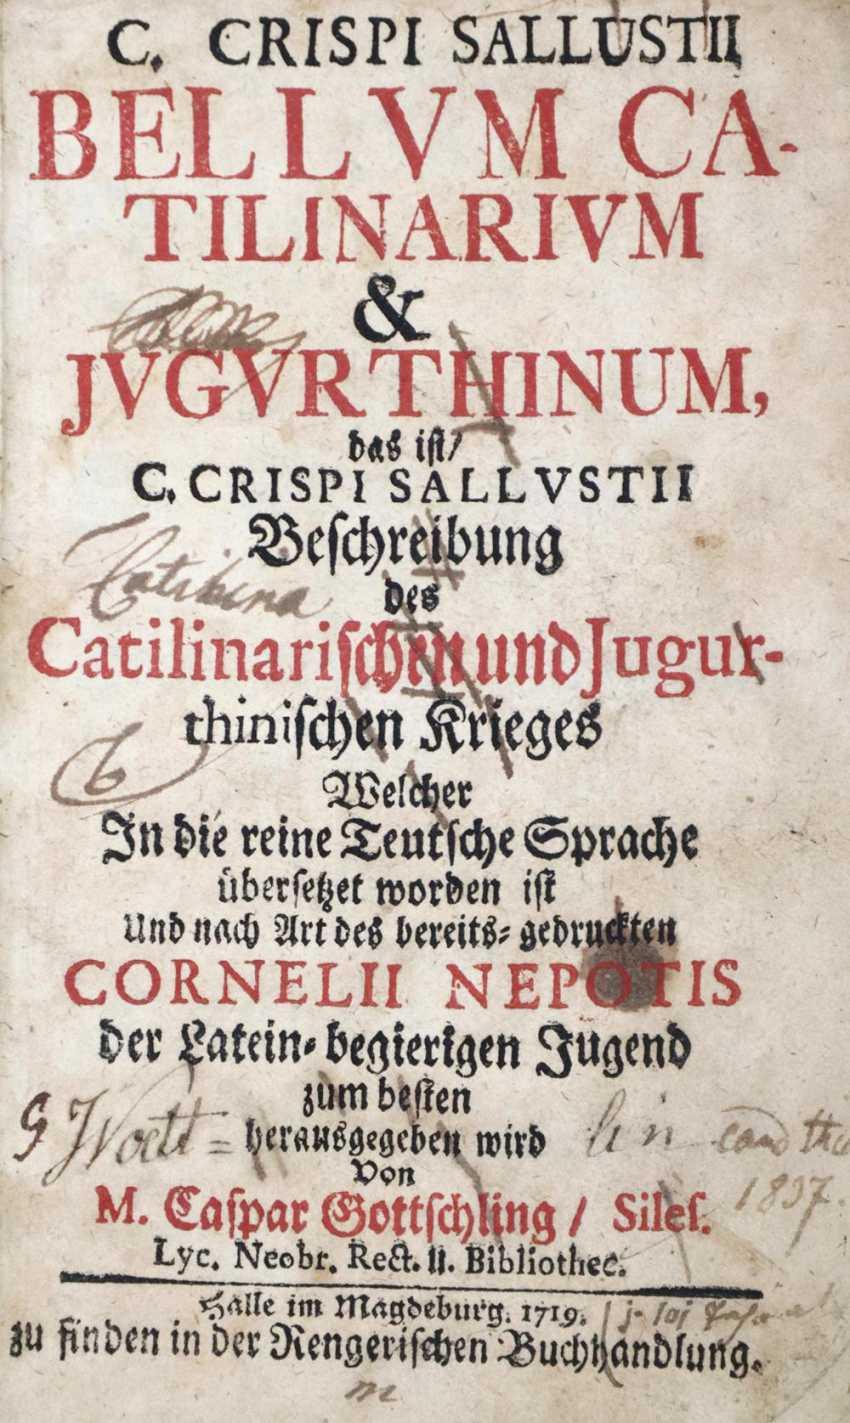 Sallustius, 200 - photo 2